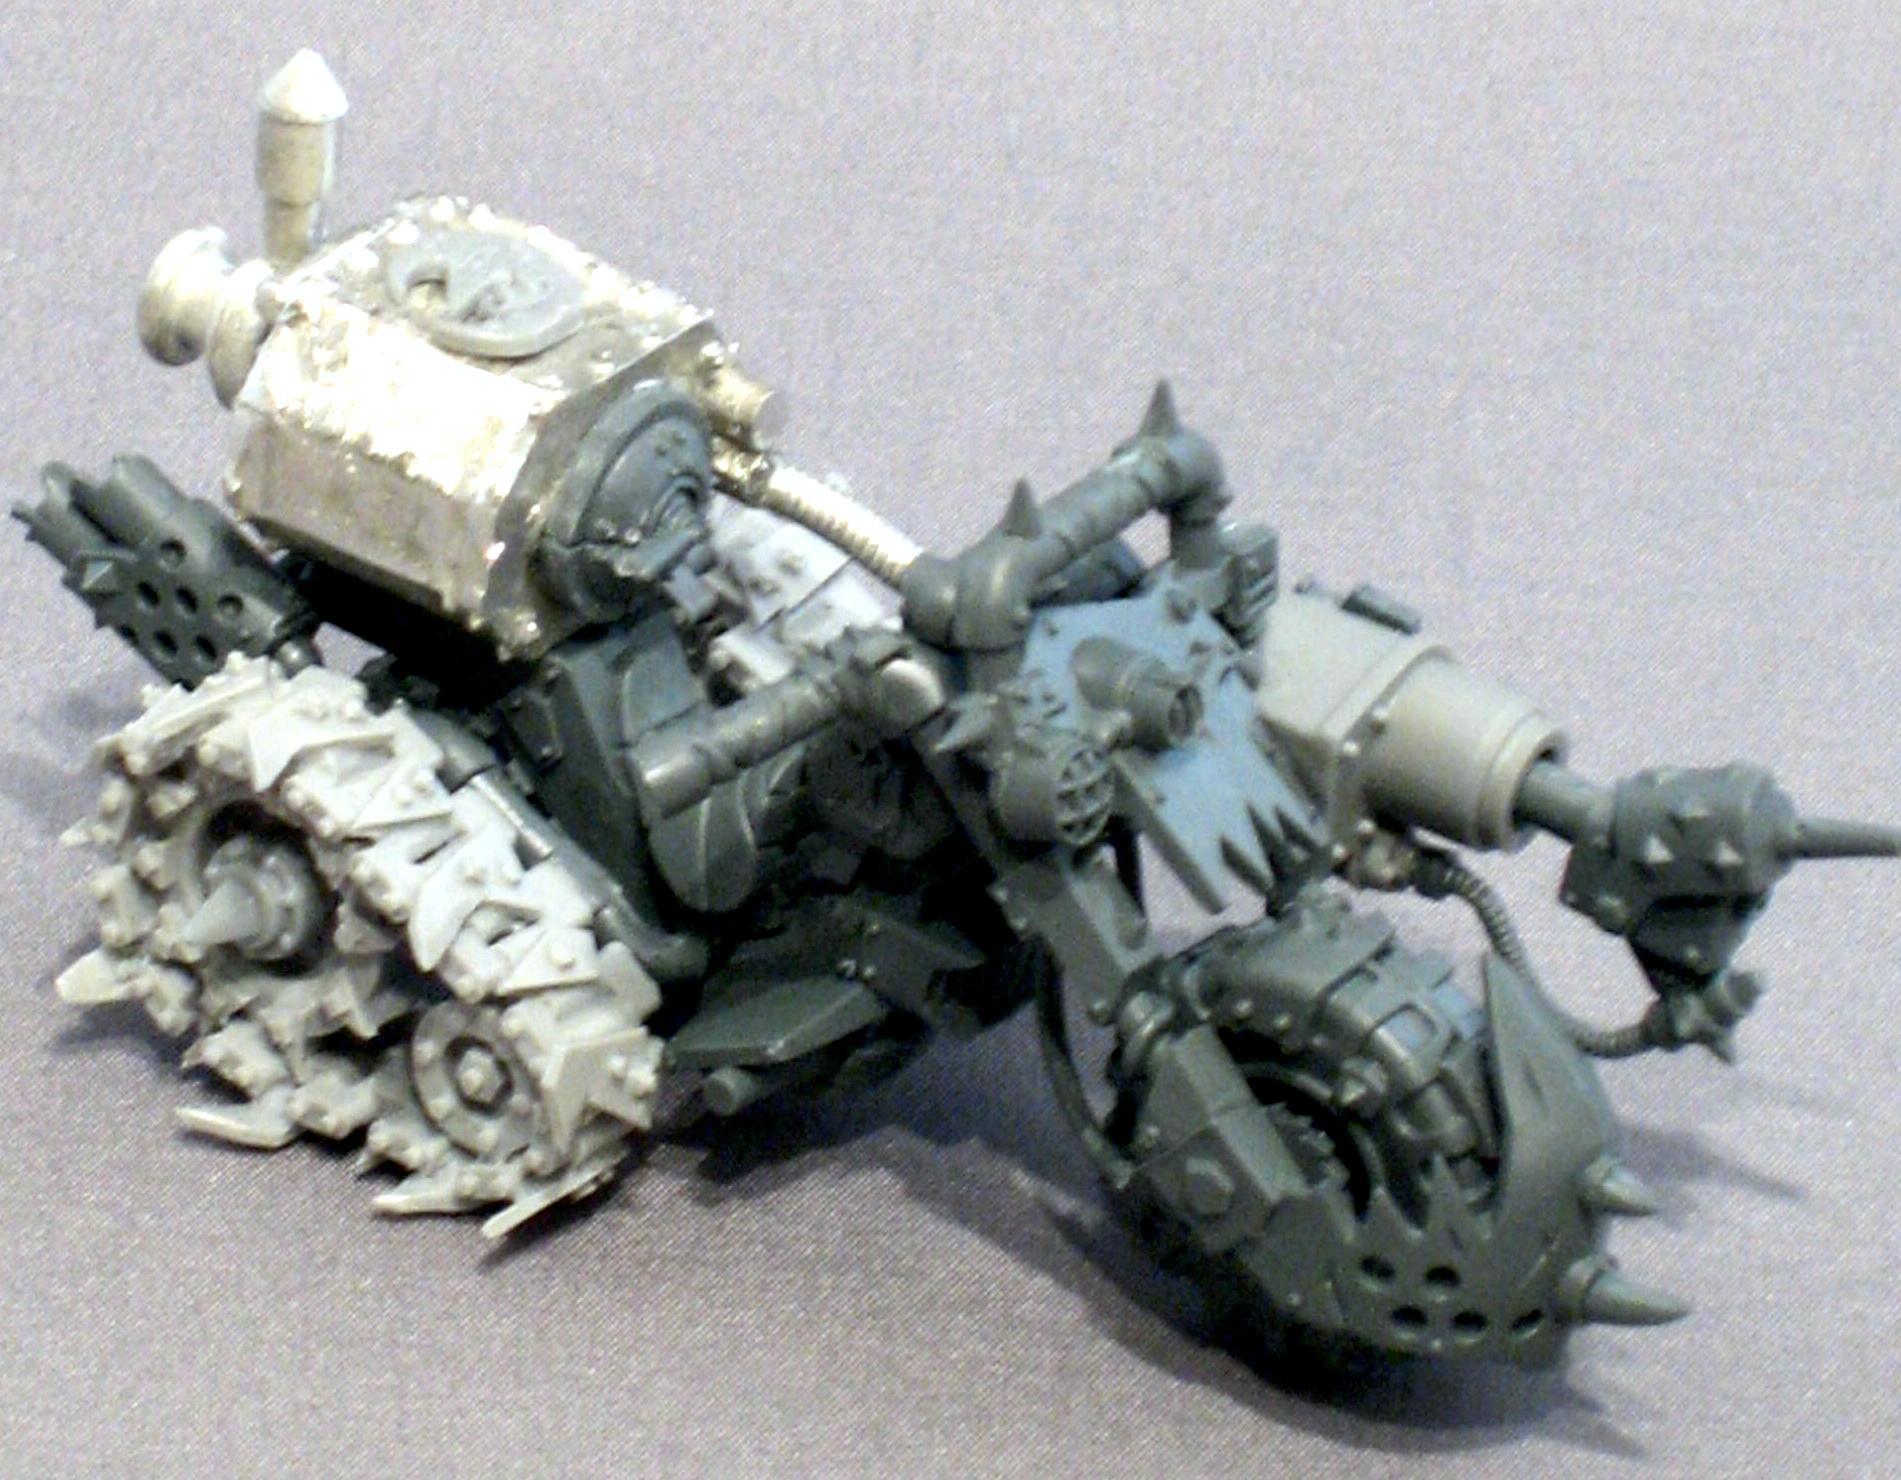 Conversion, Orks, Skorcha, Warhammer 40,000